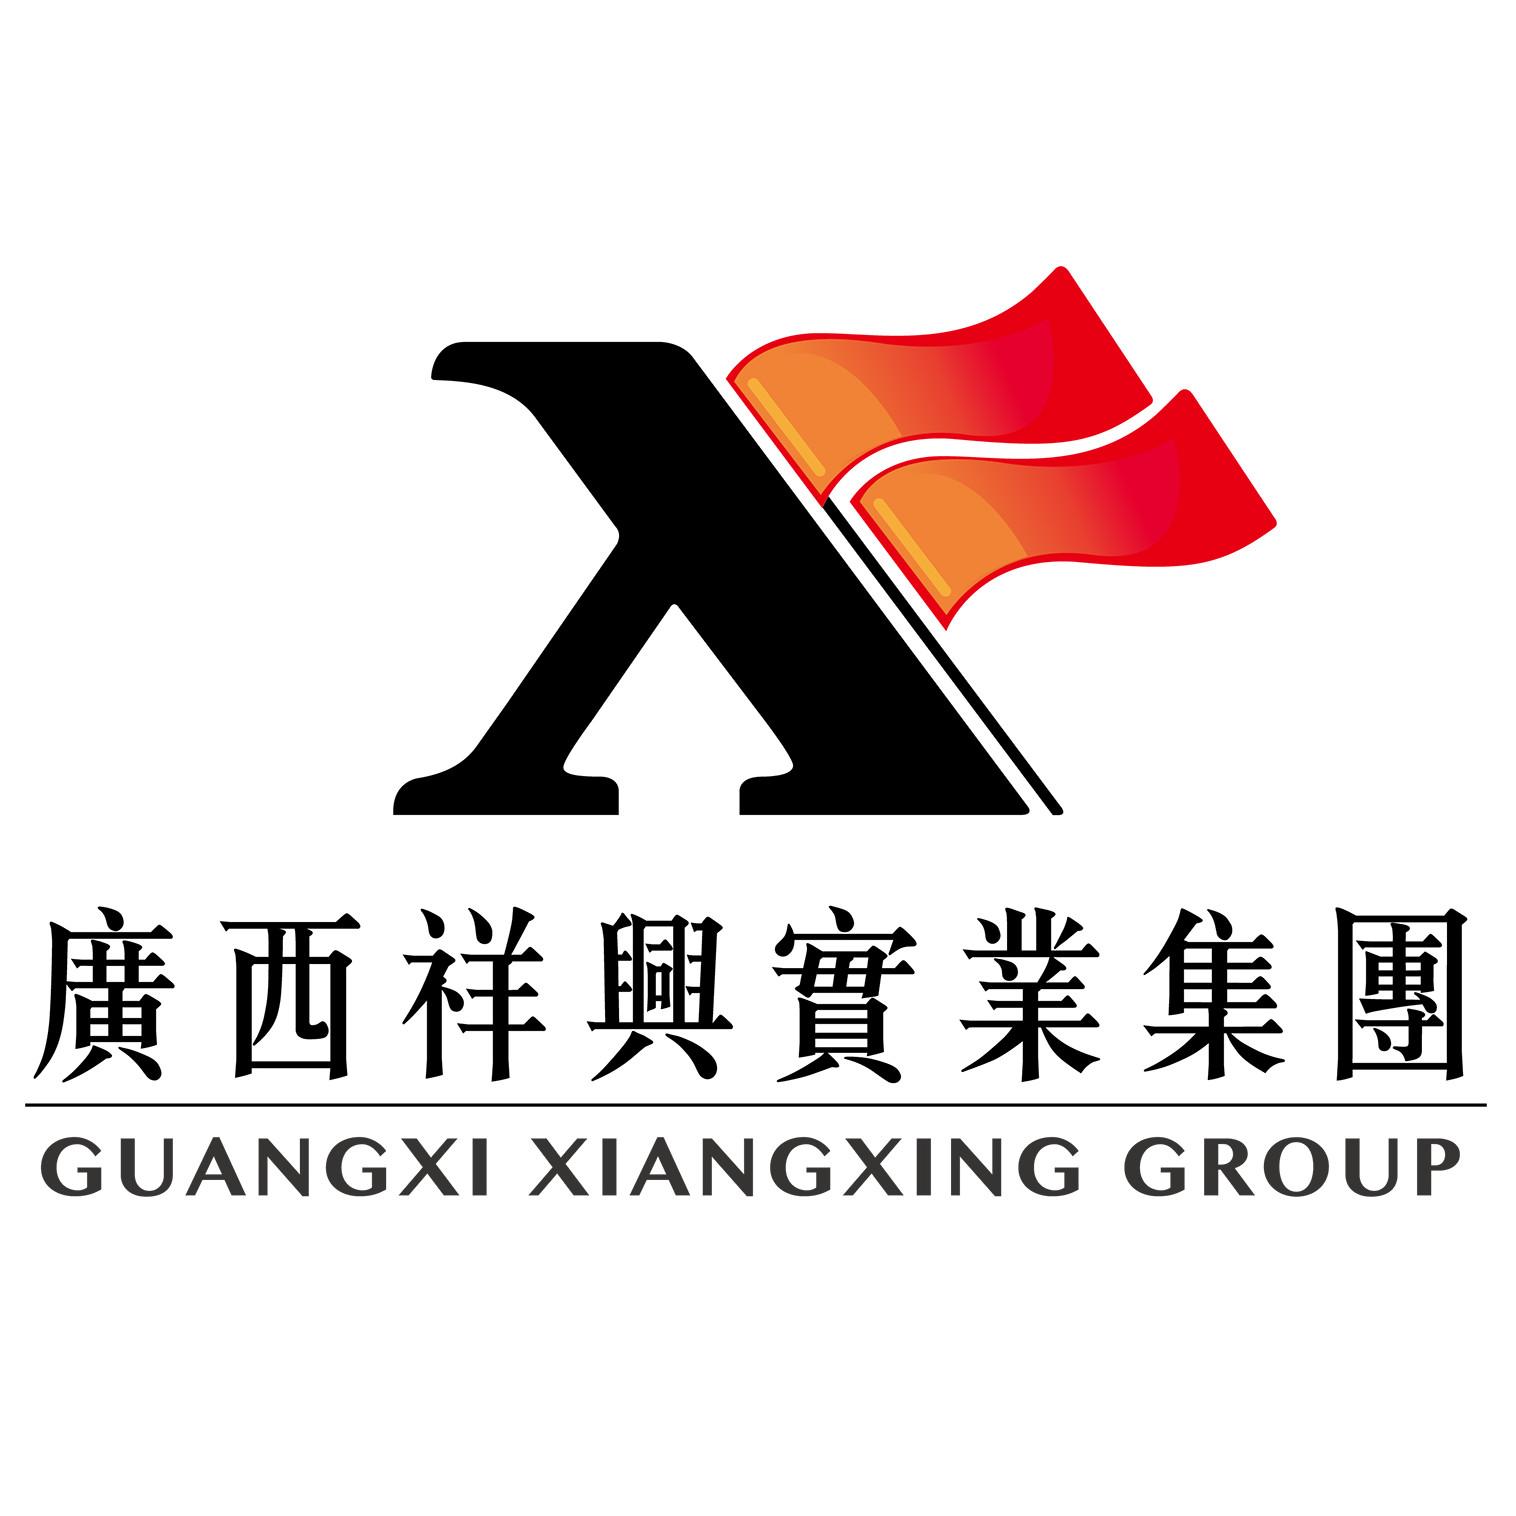 【祥興實業集團】廣西祥興實業投資集團有限責任公司招聘:公司標志 logo